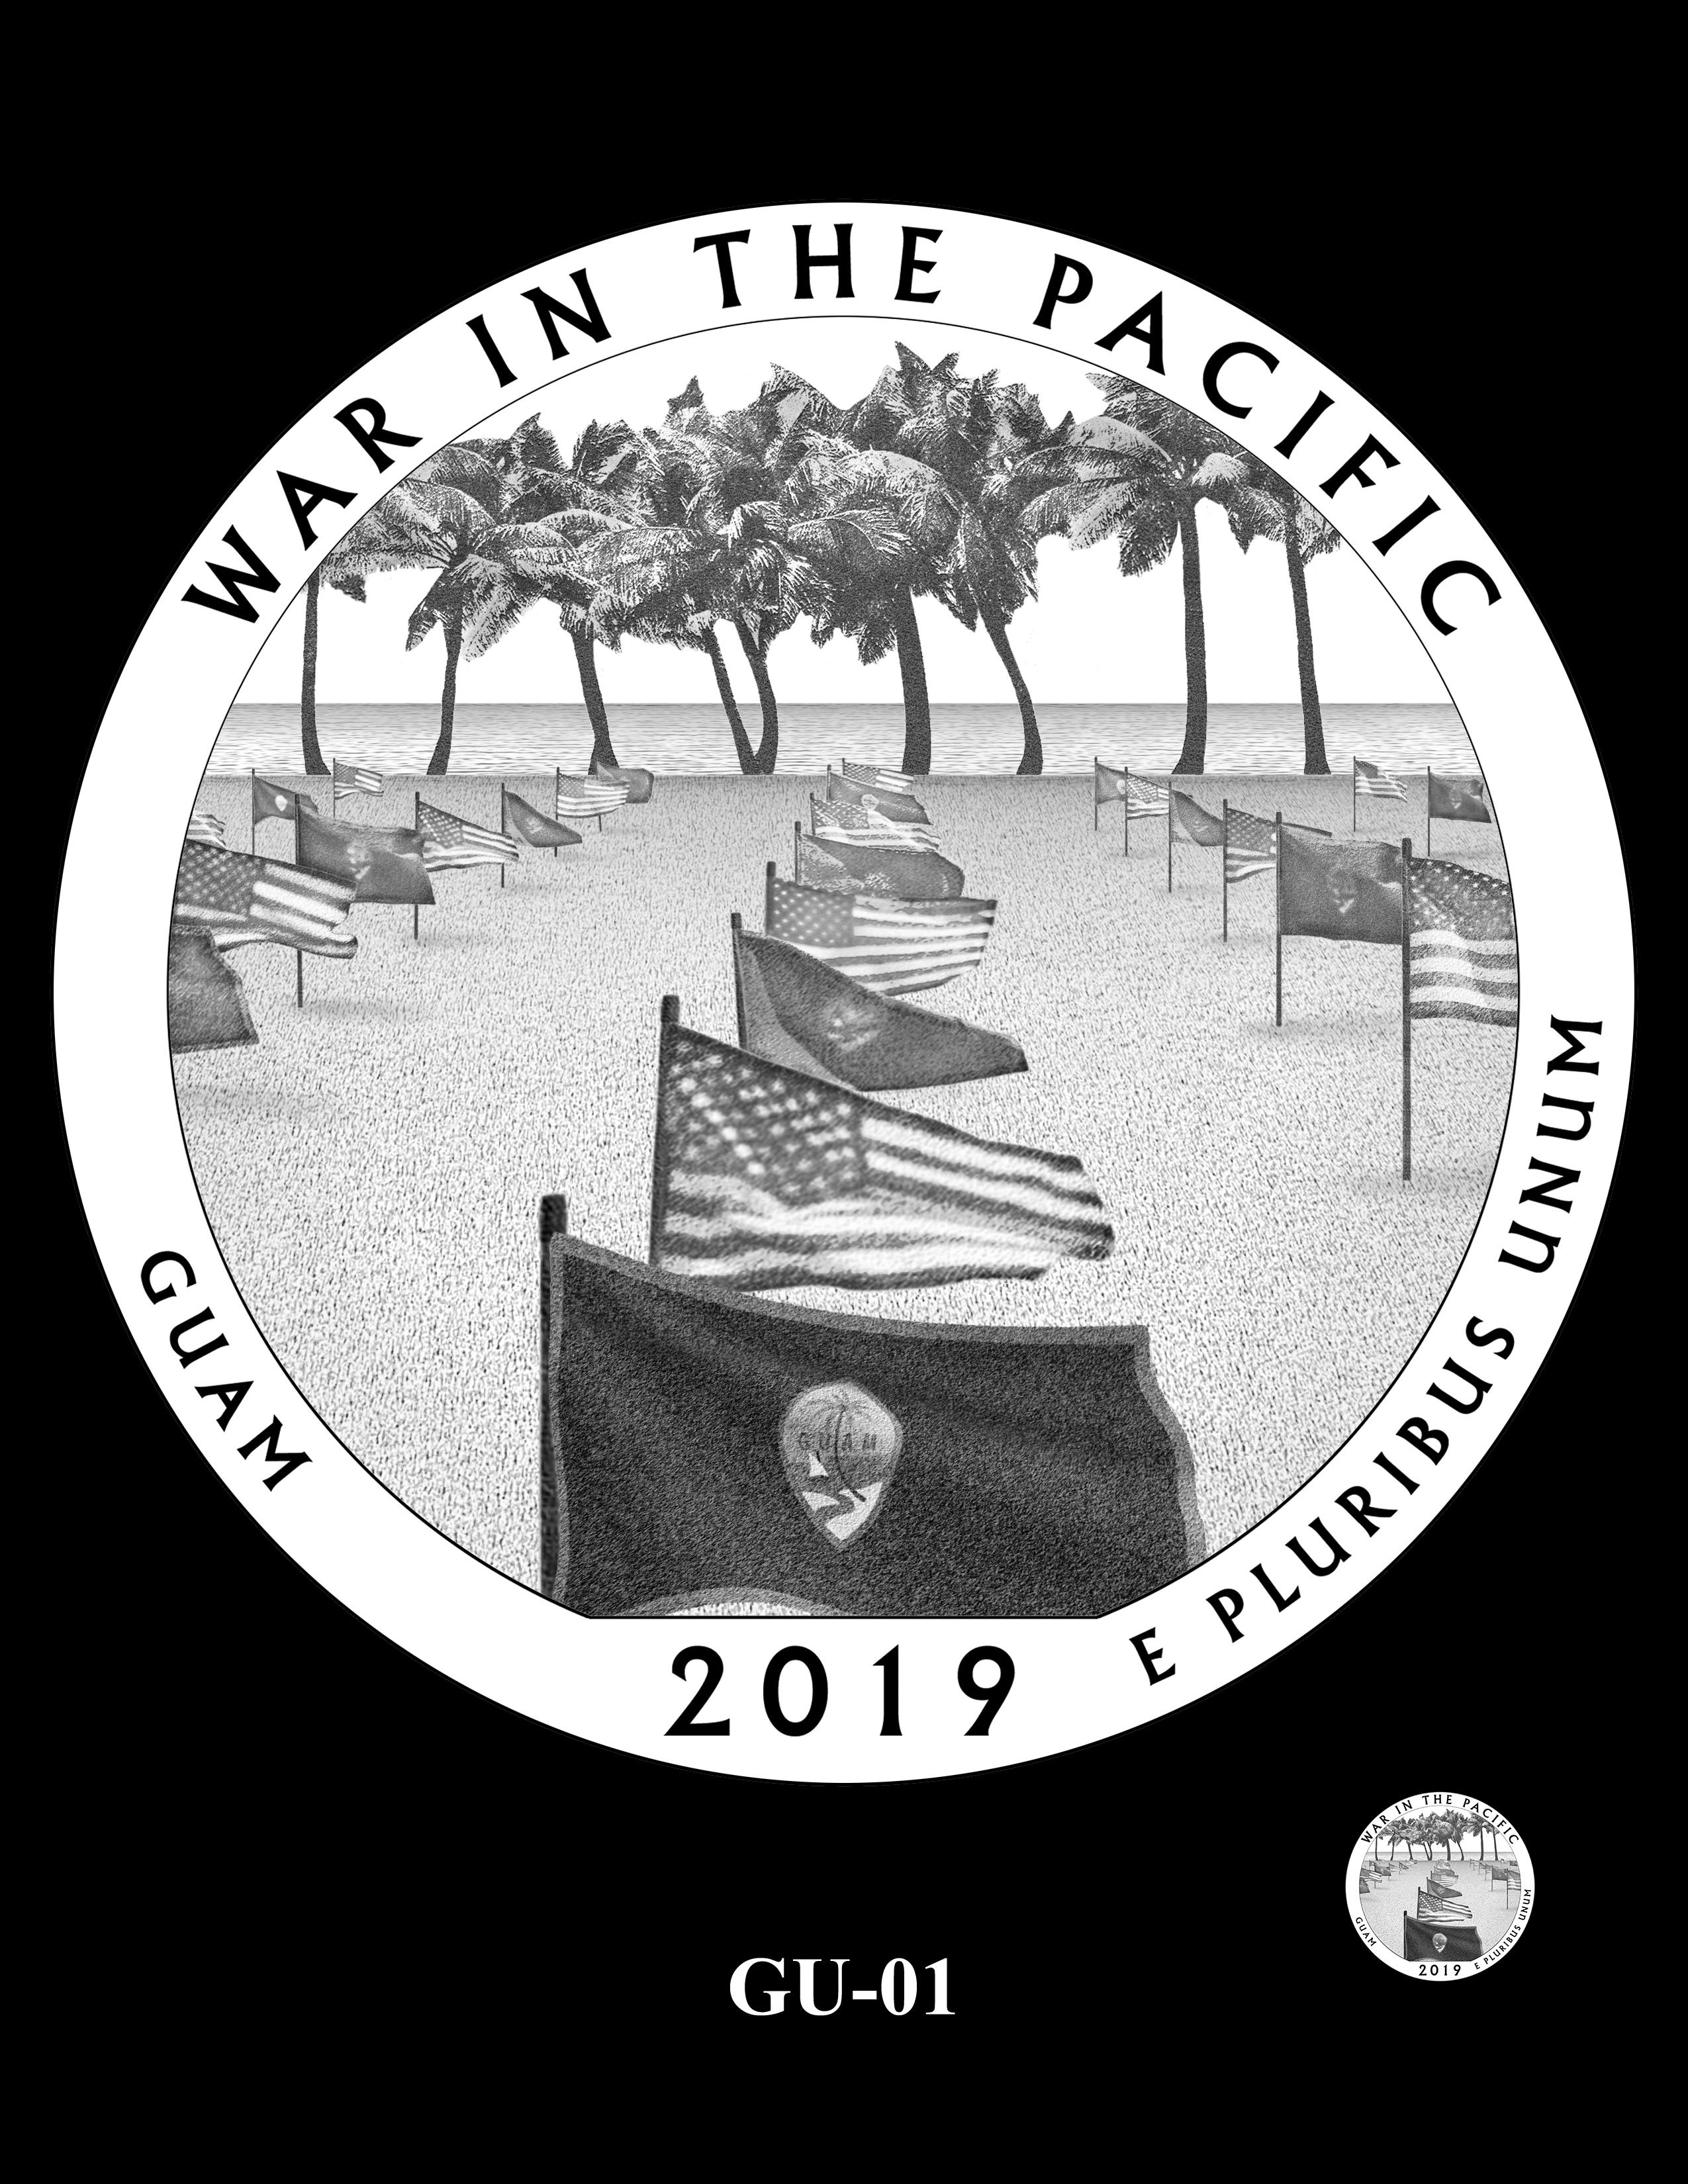 GU-01 -- 2019 America the Beautiful Quarters® Program